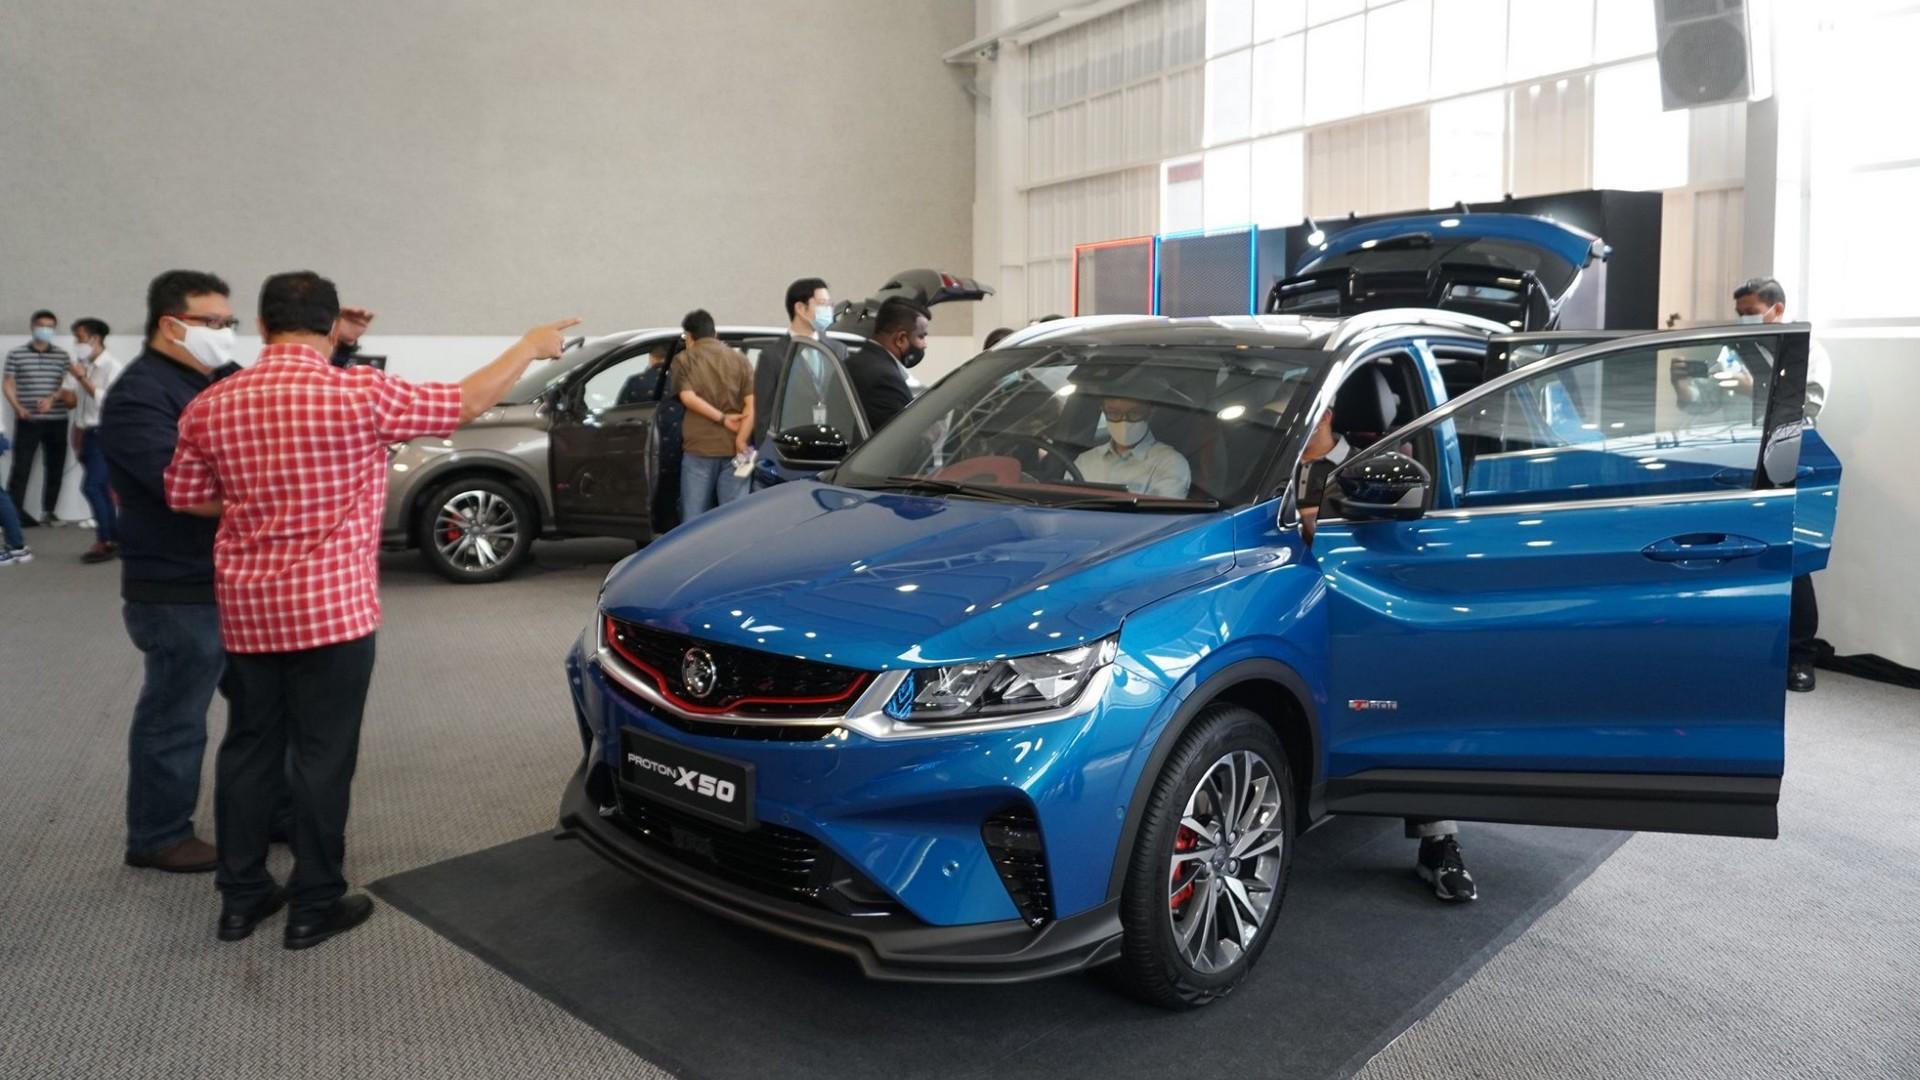 Фото автомобиля Proton X50